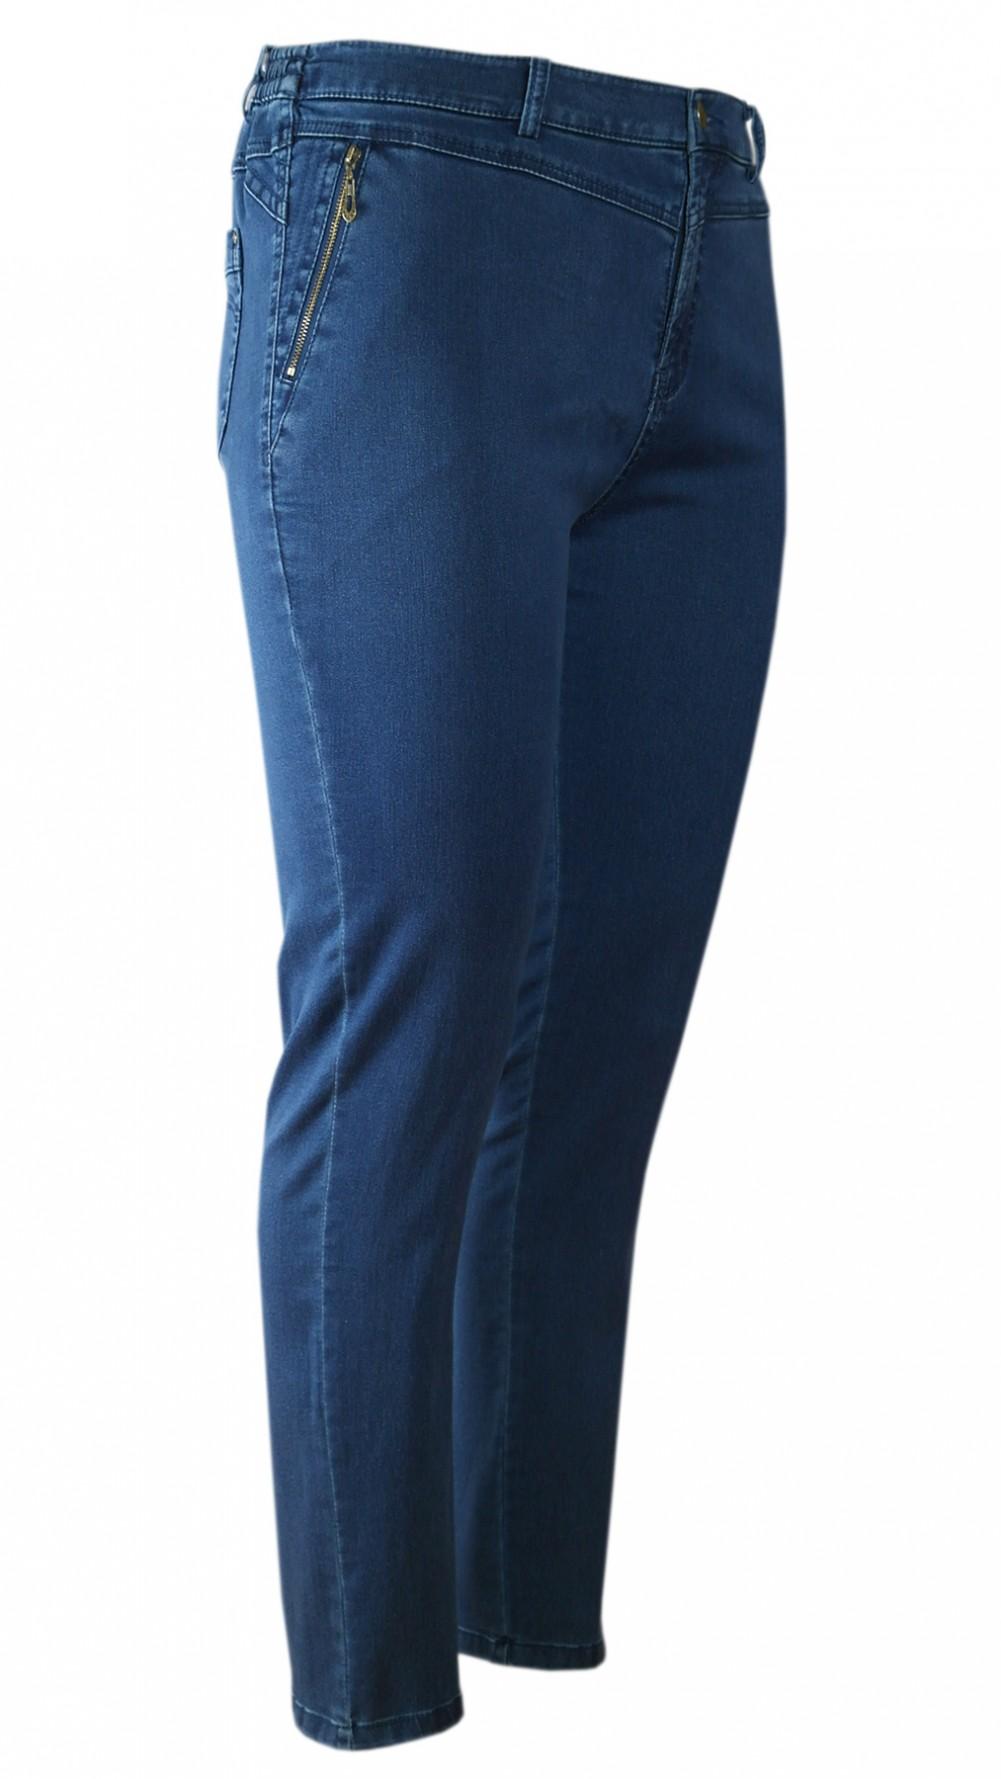 Damen Stretch-Jeans mit seitlichem Dehnbund - Blue/mehr ansicht